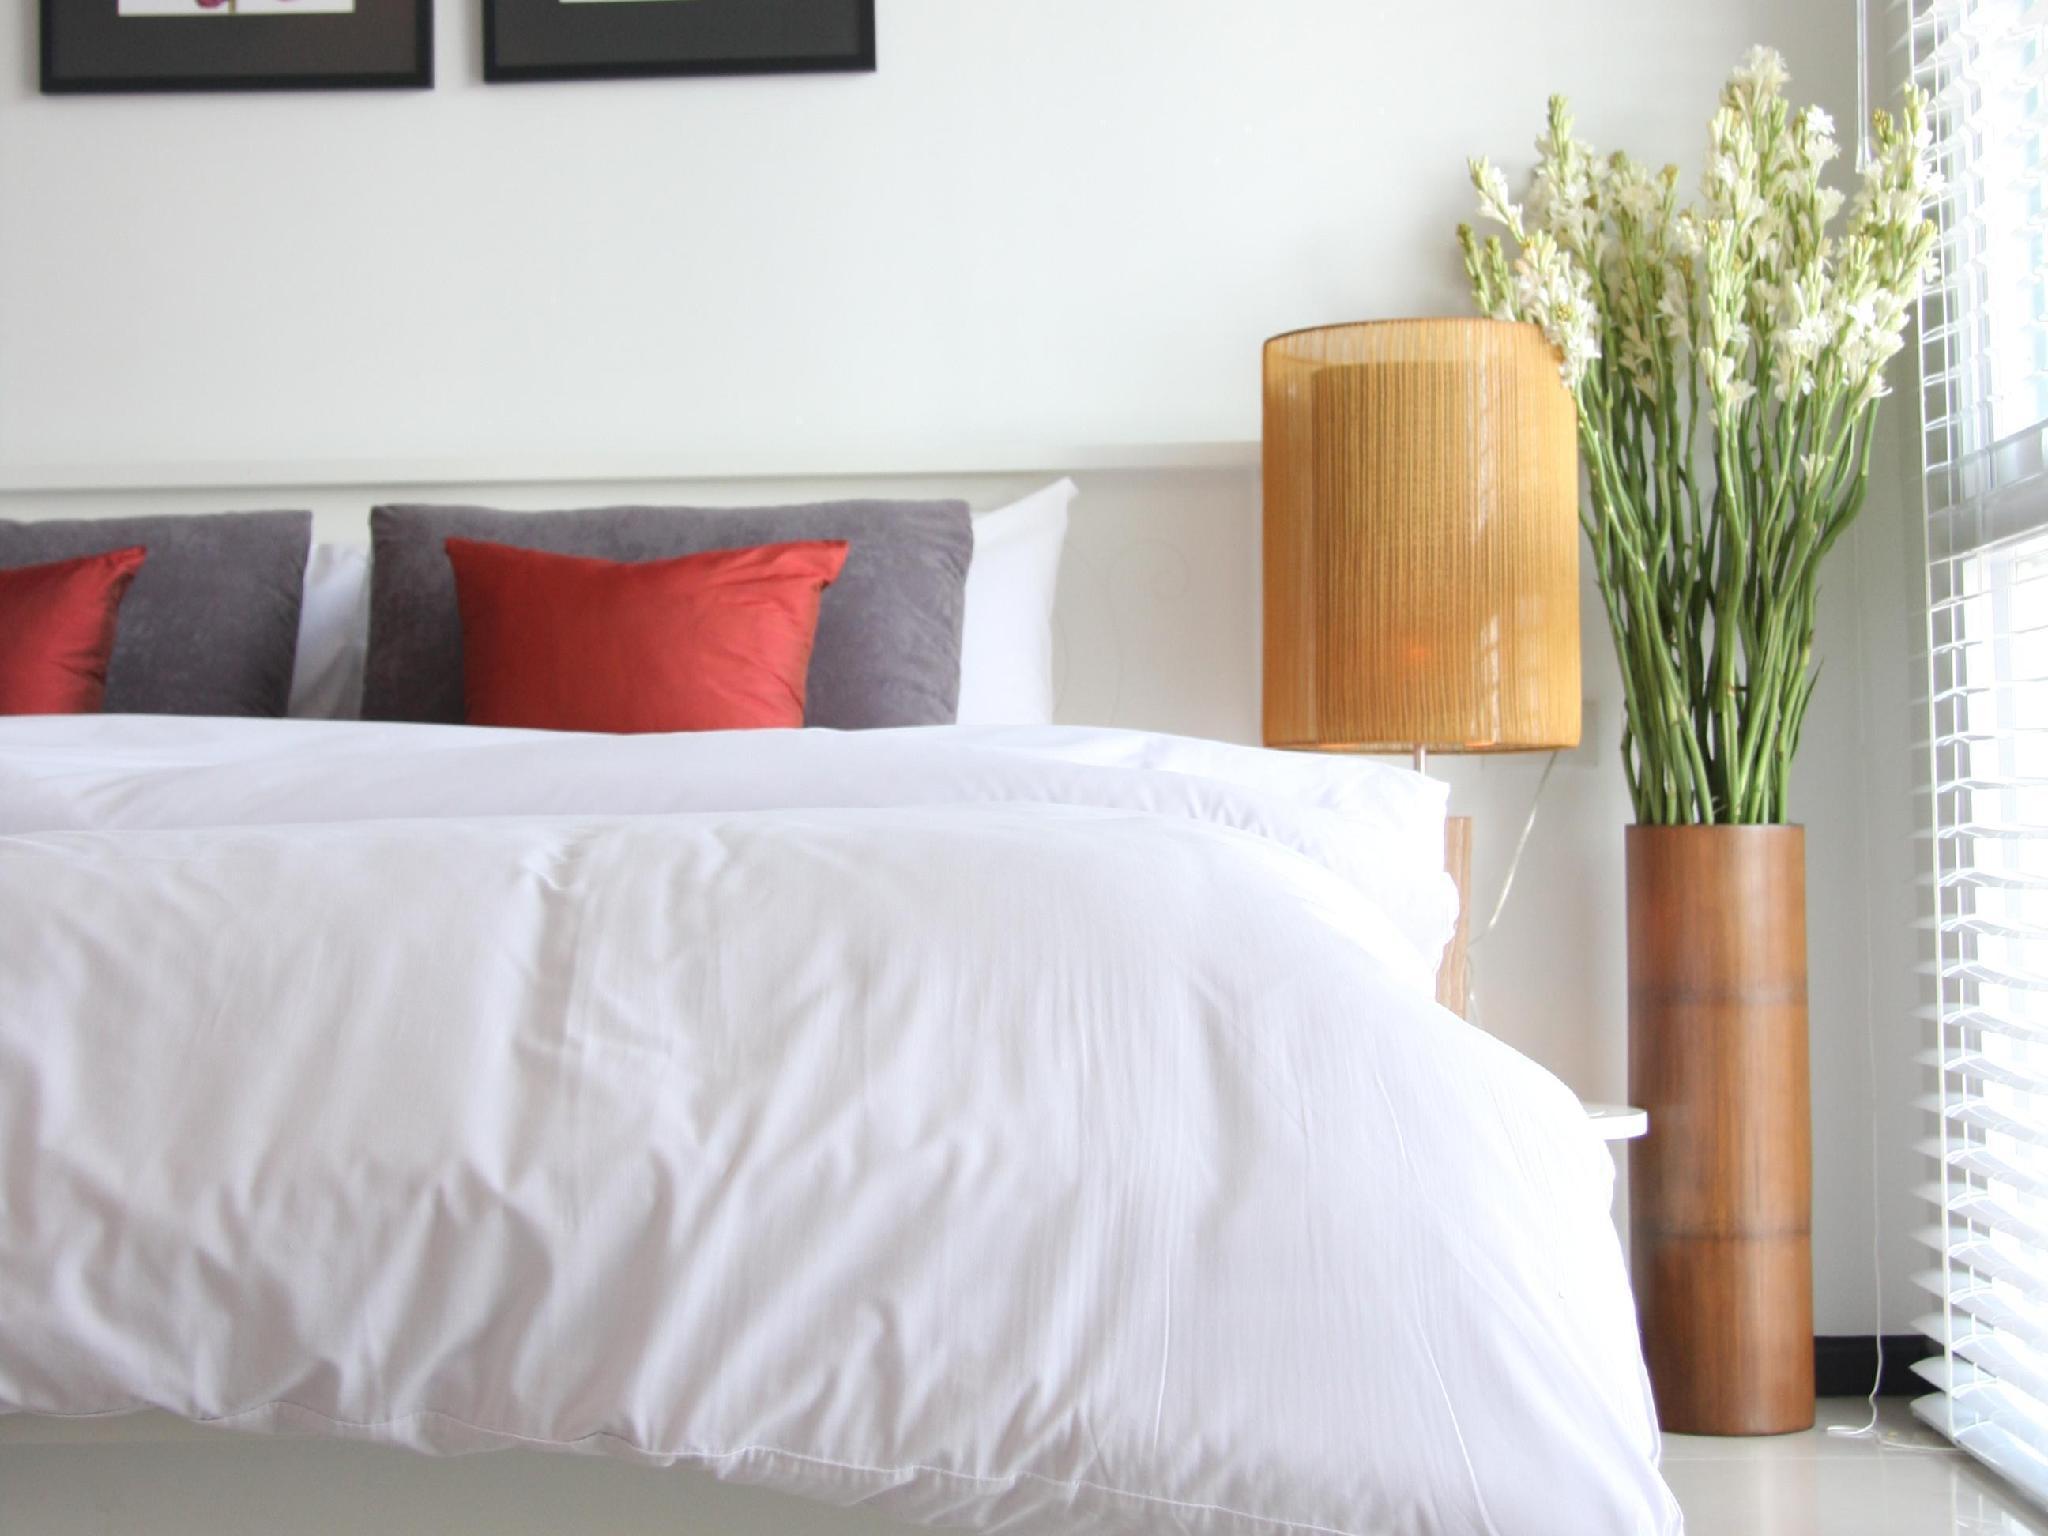 ทู วิลลา สวีท เซอร์วิส อพาร์ตเมนต์ - Two Villas Suite Service Apartment